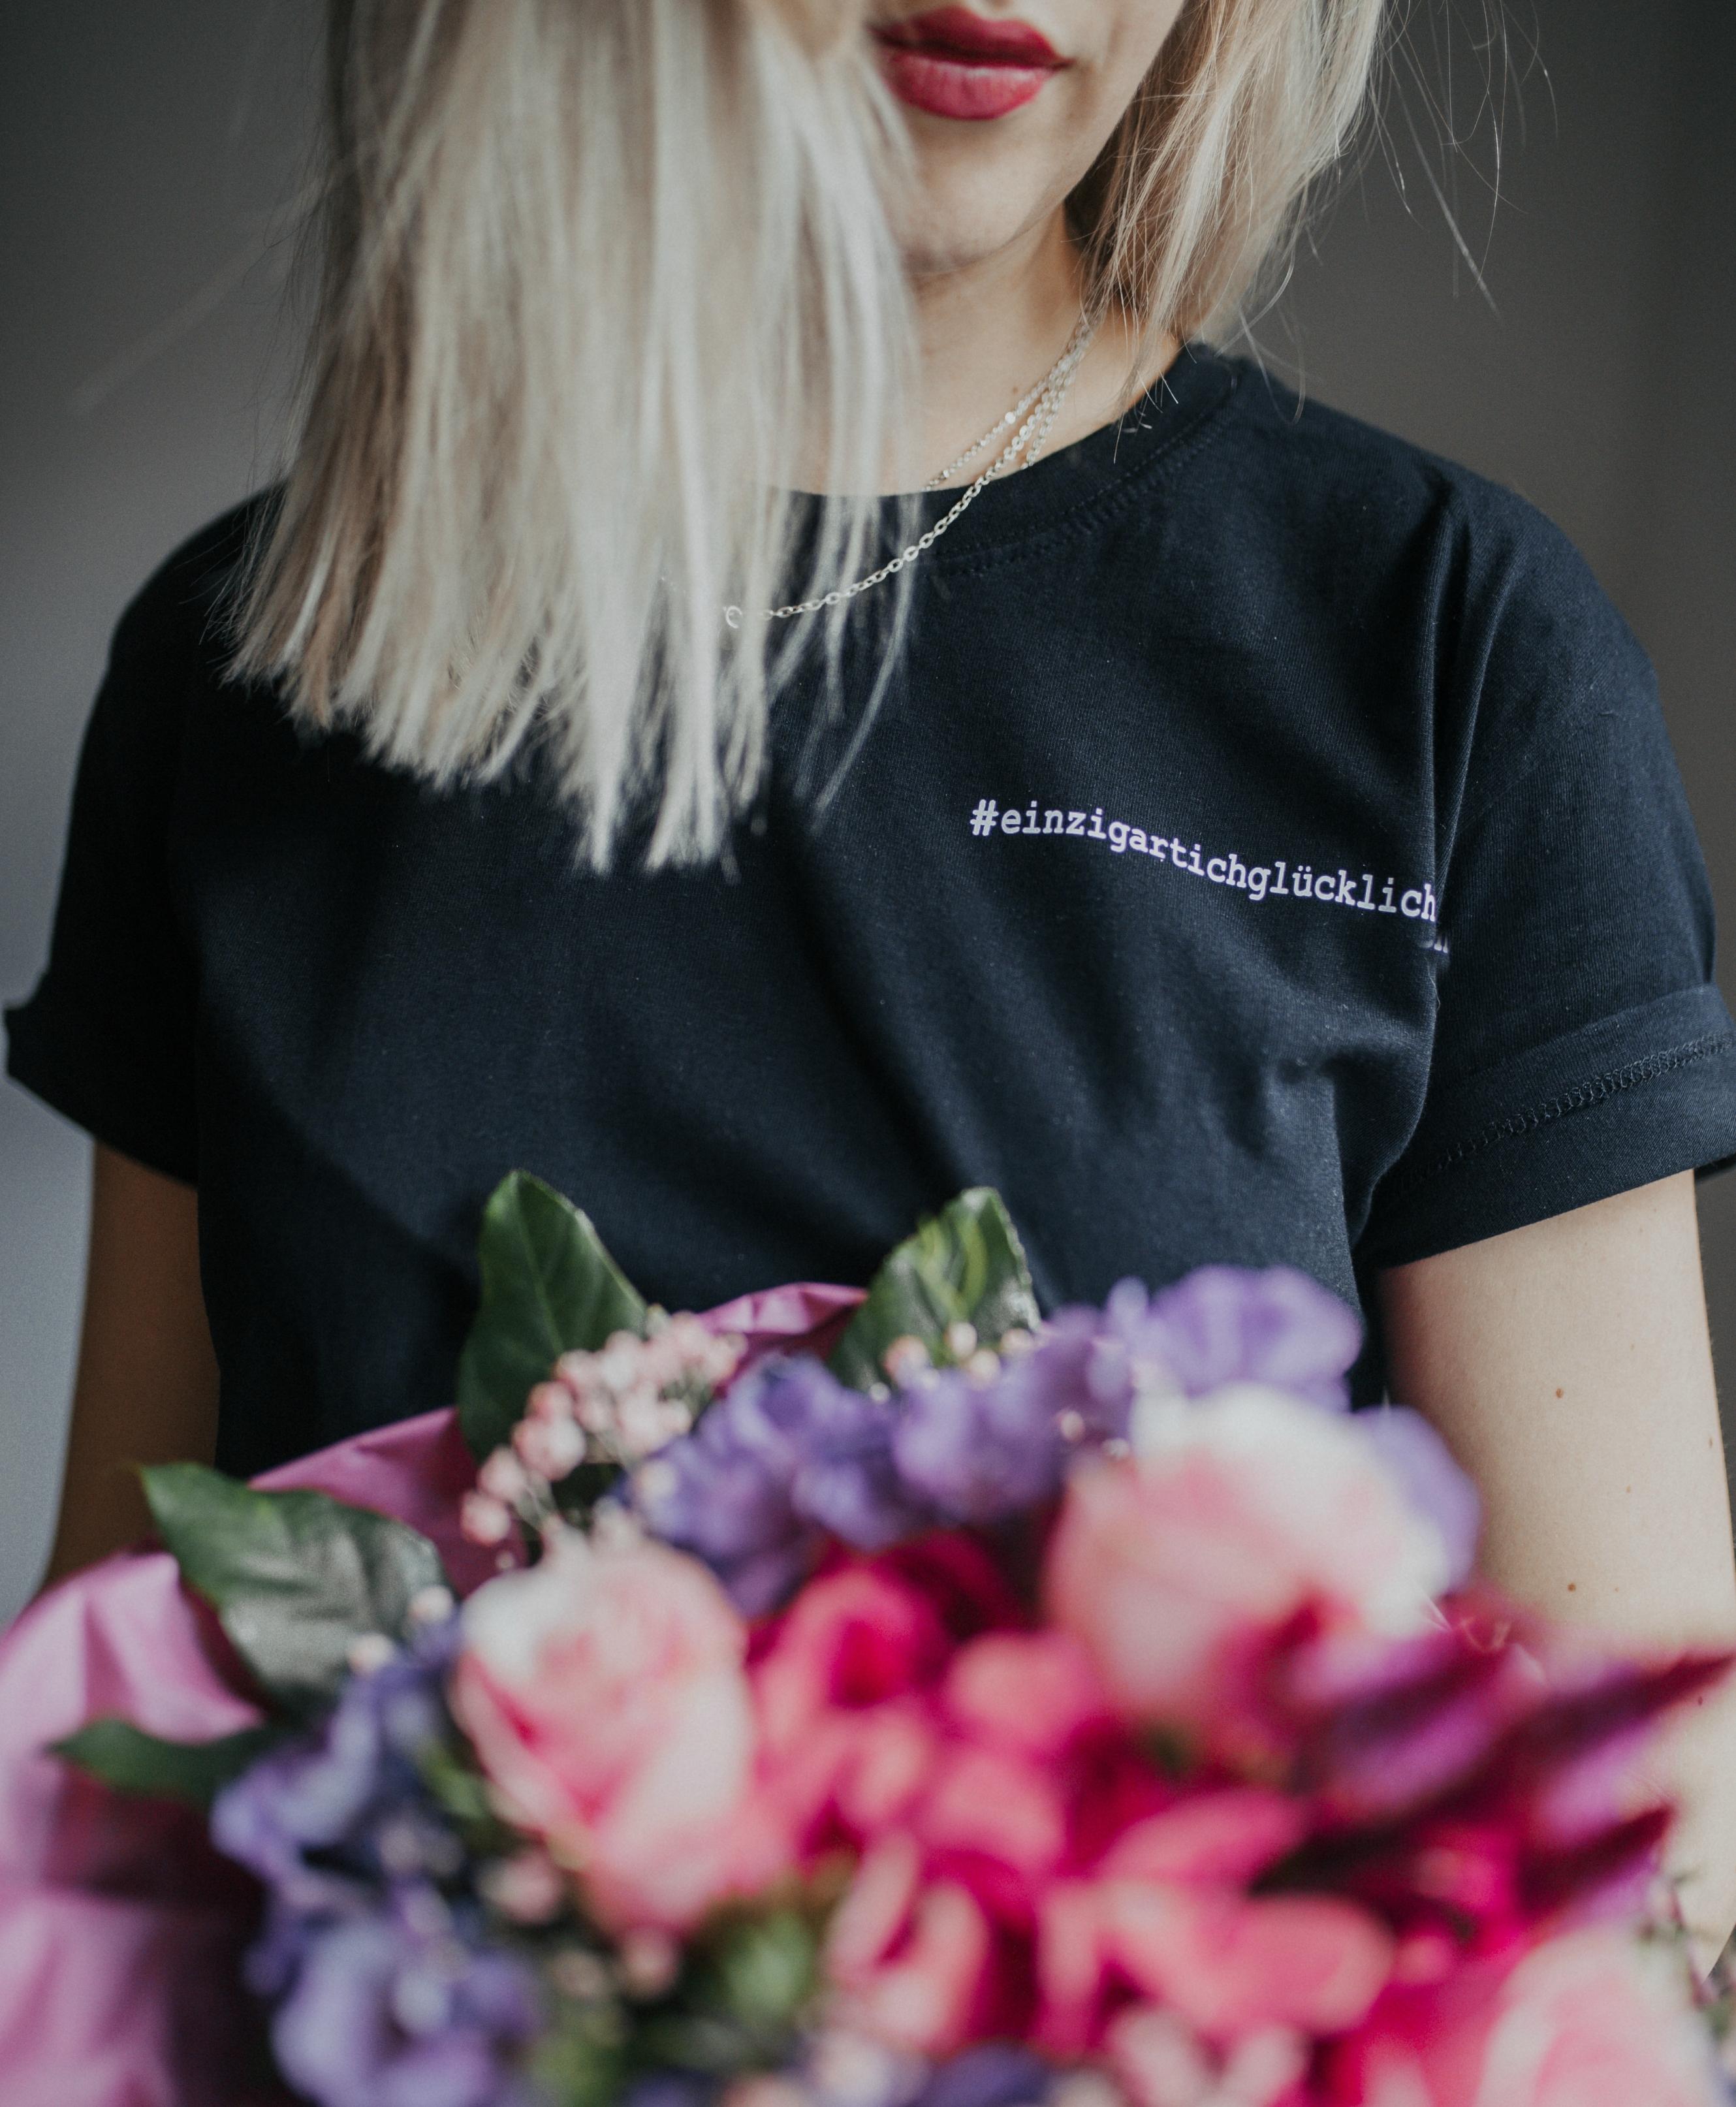 T-Shirt #einzigartichglücklich